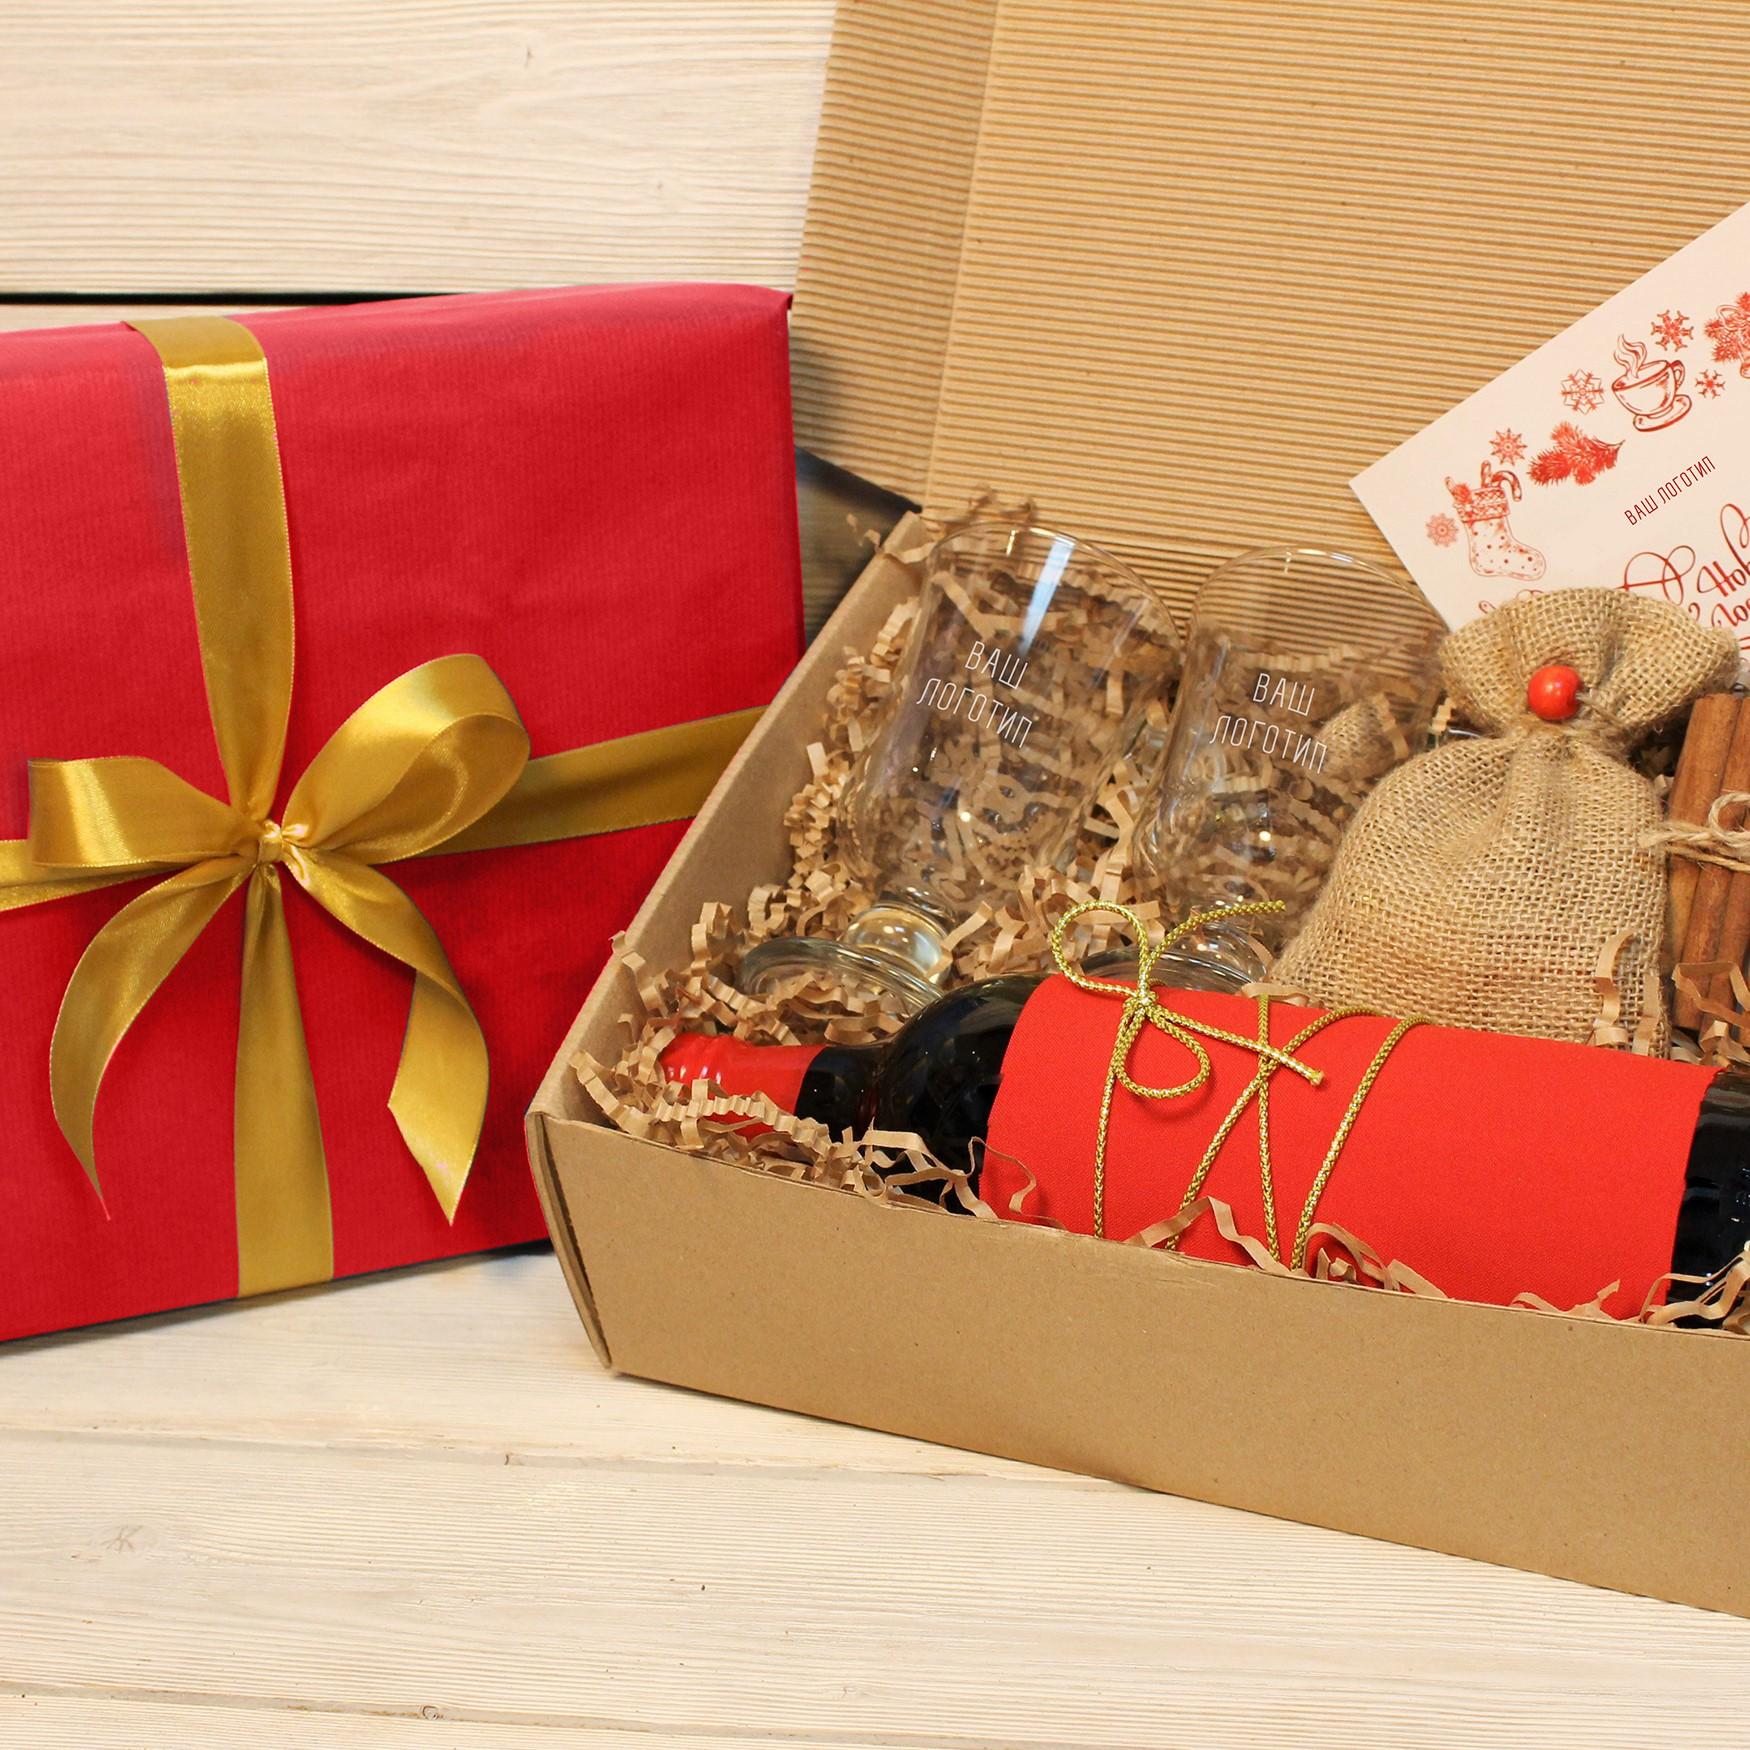 Как дарить подарки в контакте бесплатно? - Полезная информация для всех 62